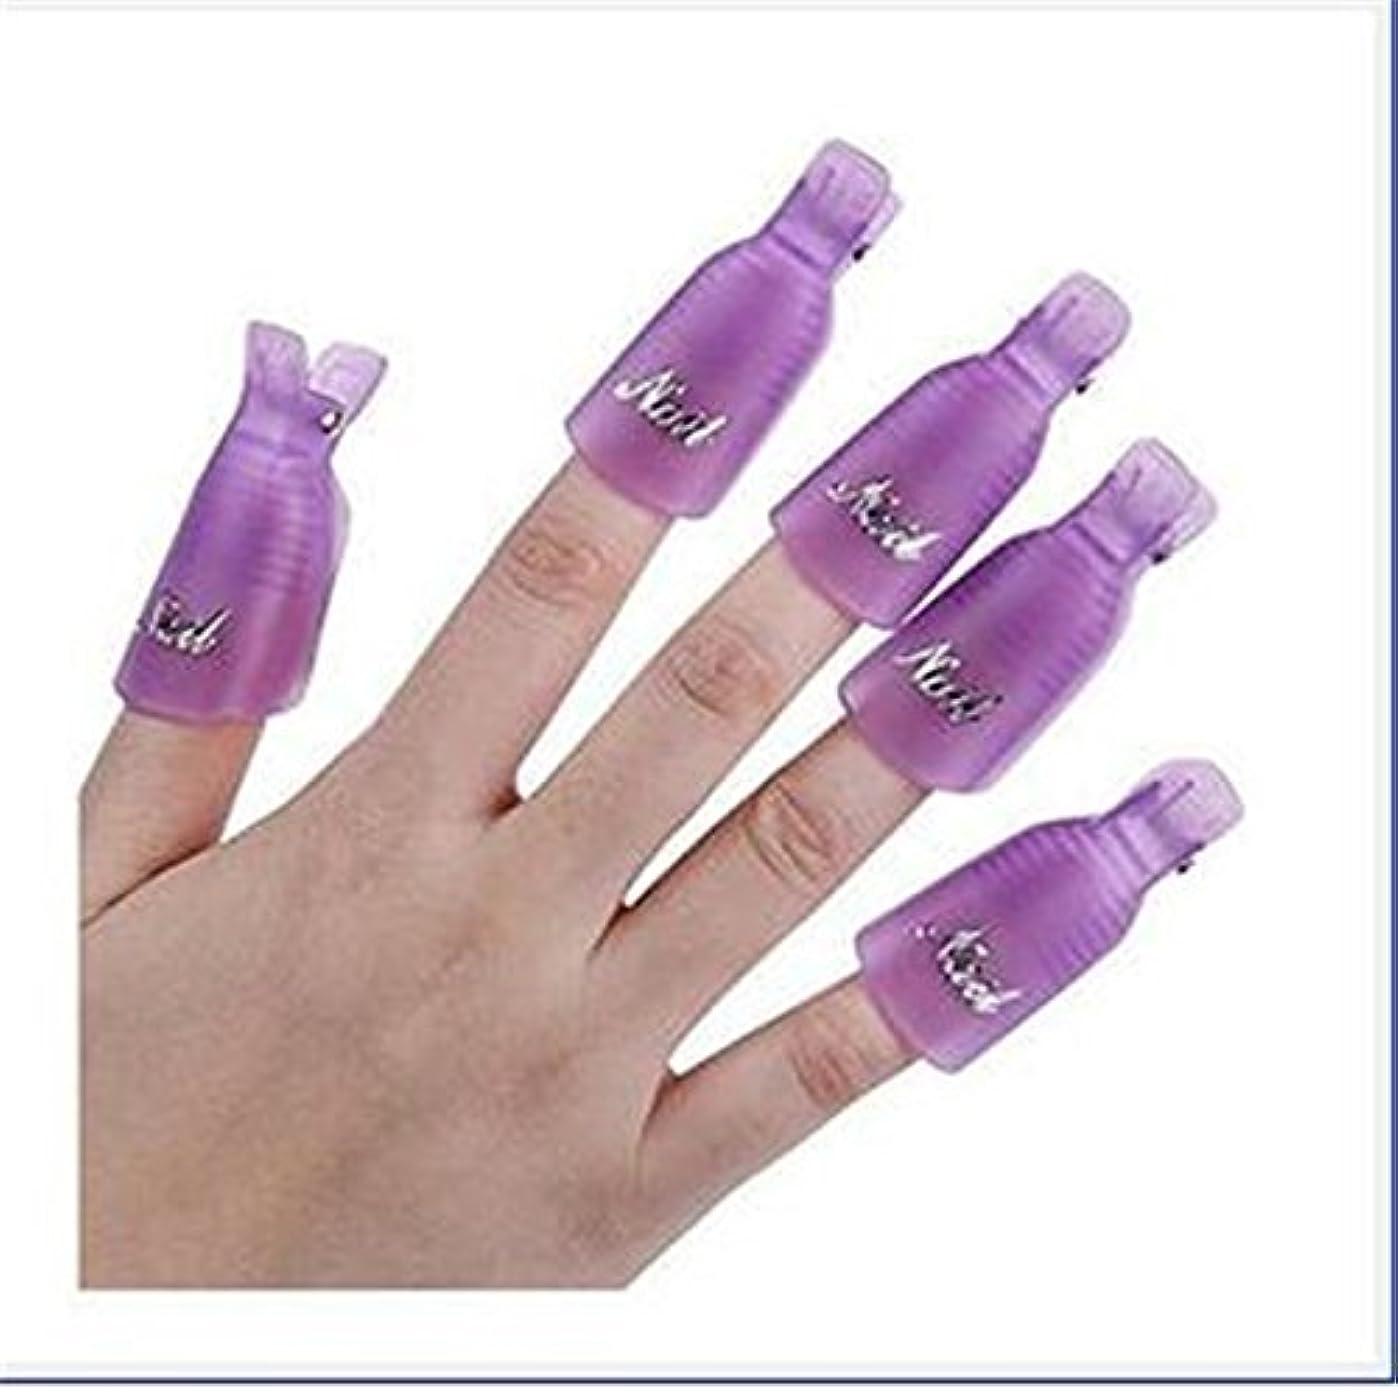 ドリンク周囲パンダアクリル樹脂爪10が冷却され、取り外し可能なクリップキャップUVポリッシュリムーバージェルは、紫色のパッケージを包ん